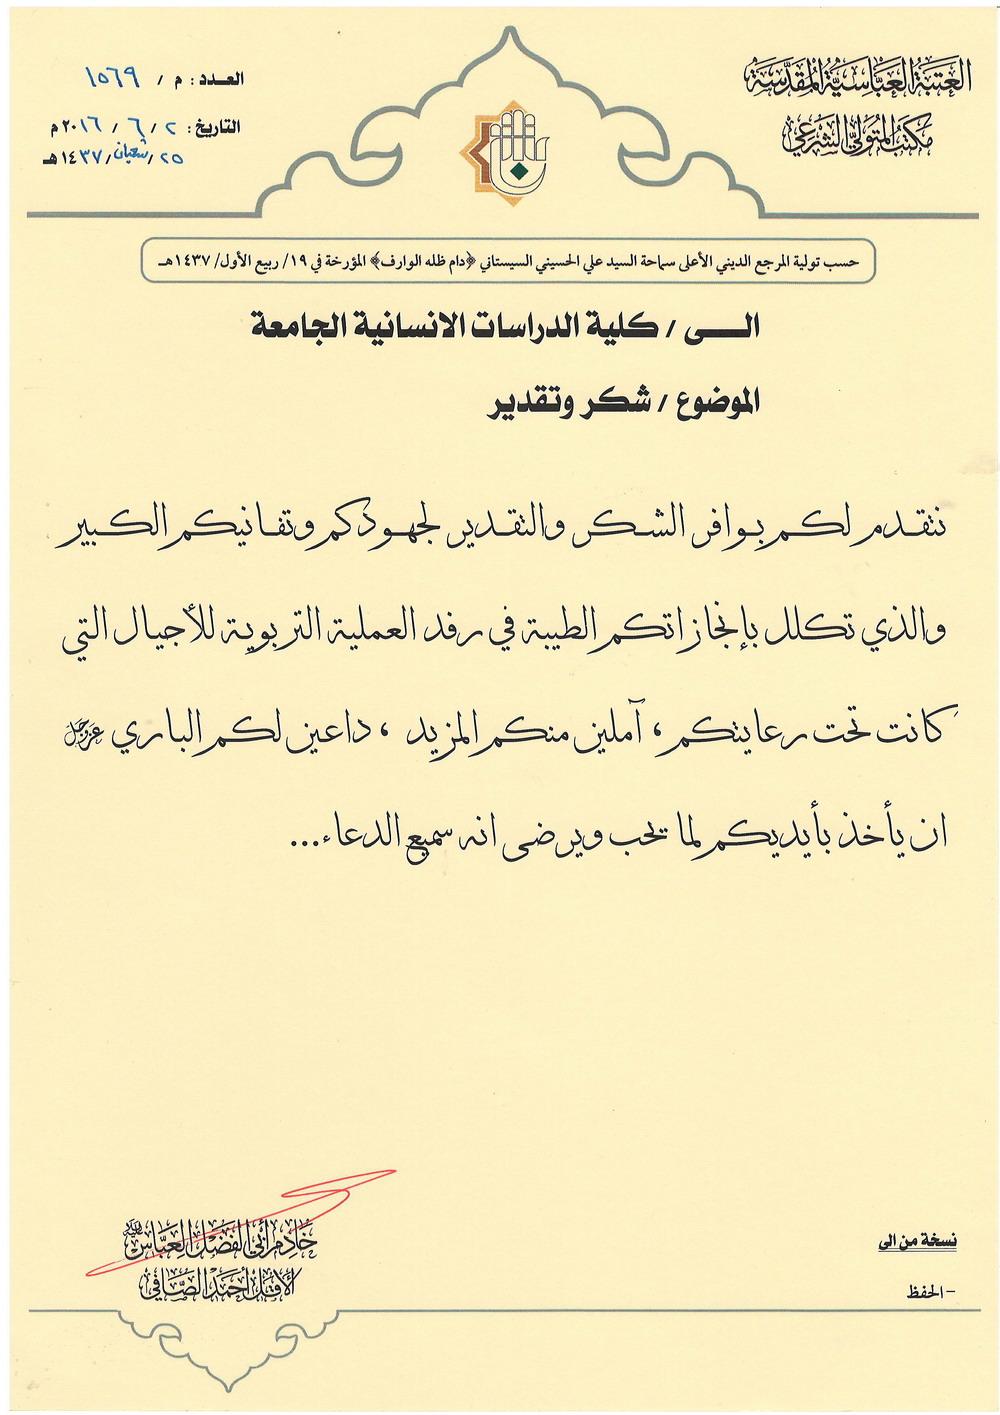 رسالة شكر رسمية بالعربي اجمل رسائل الشكر للمدراء المرأة العصرية